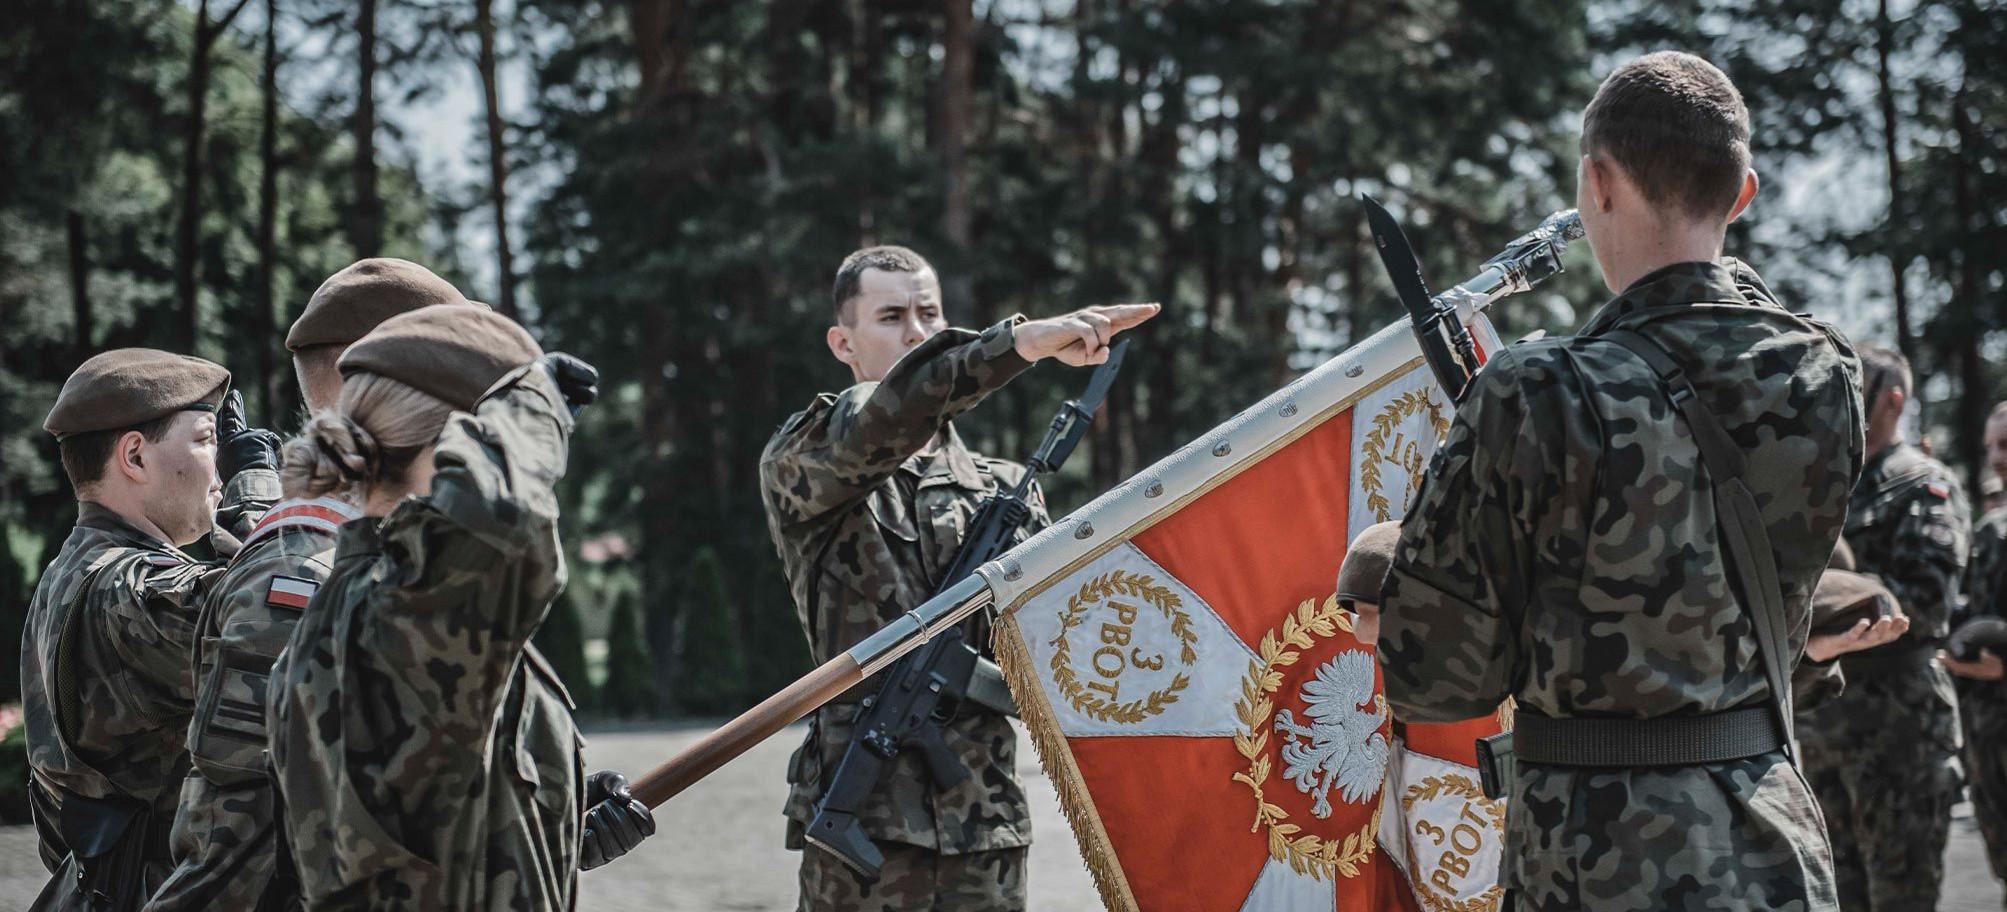 LESKO: Terytorialsi złożą ślubowanie!